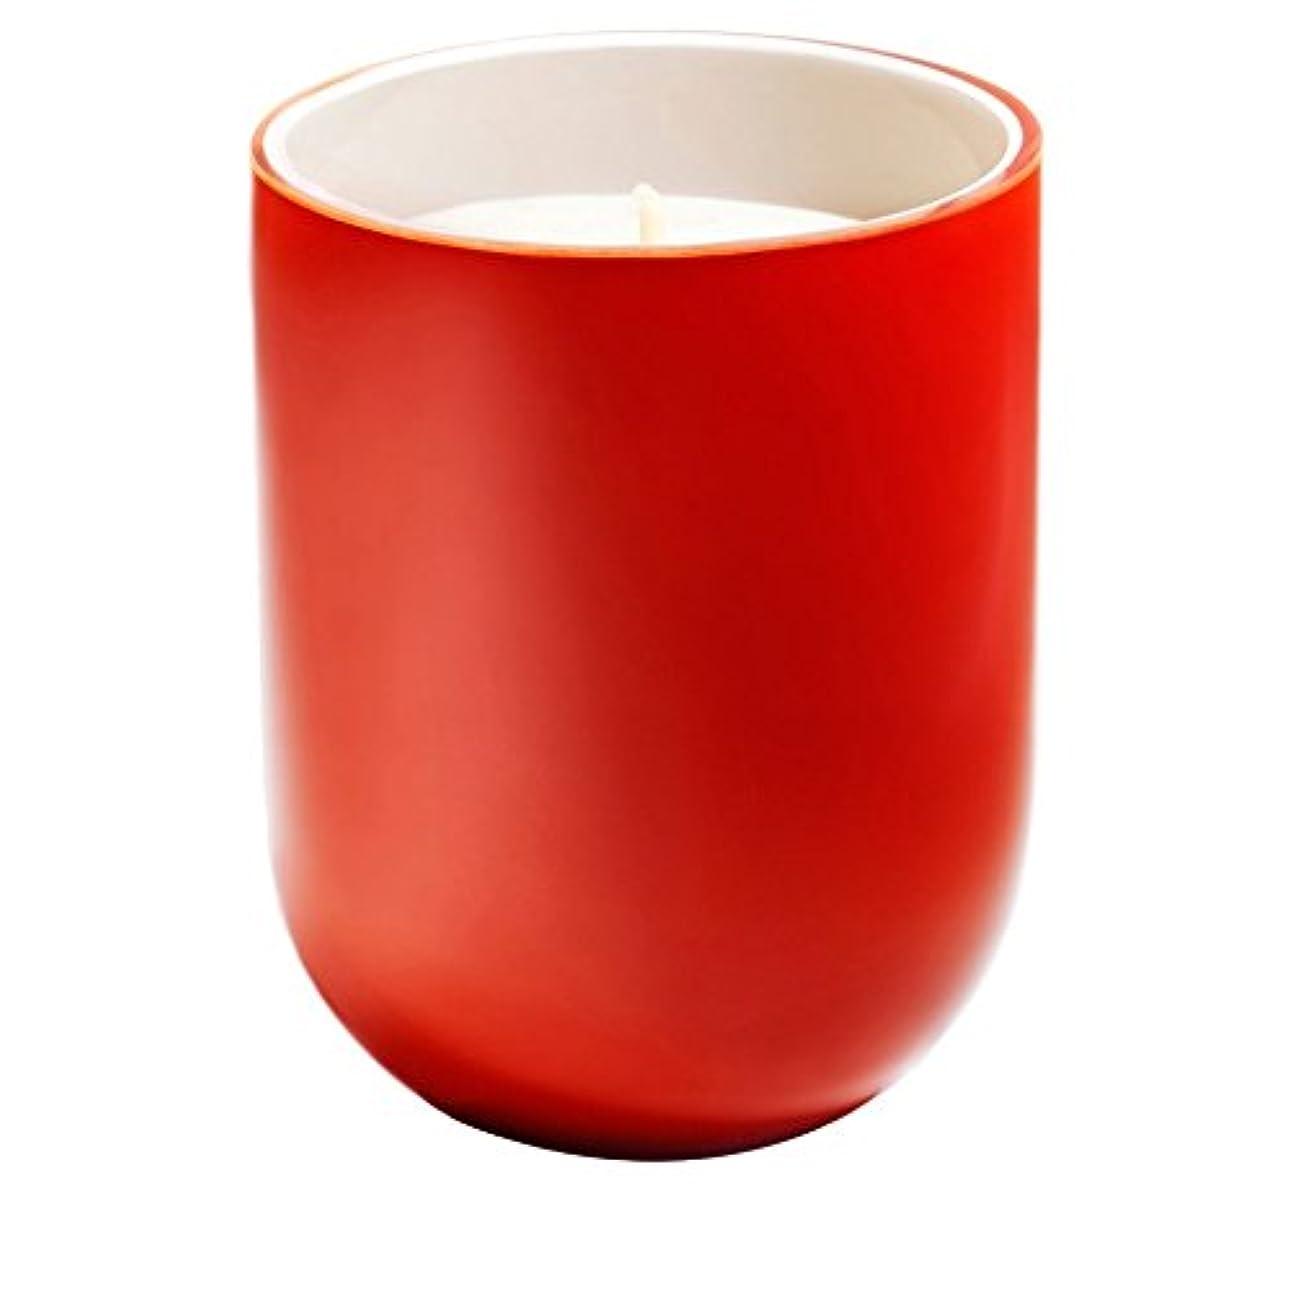 もの覗くクラウンFrederic Malle Russian Night Scented Candle (Pack of 2) - フレデリック?マルロシアの夜香りのキャンドル x2 [並行輸入品]